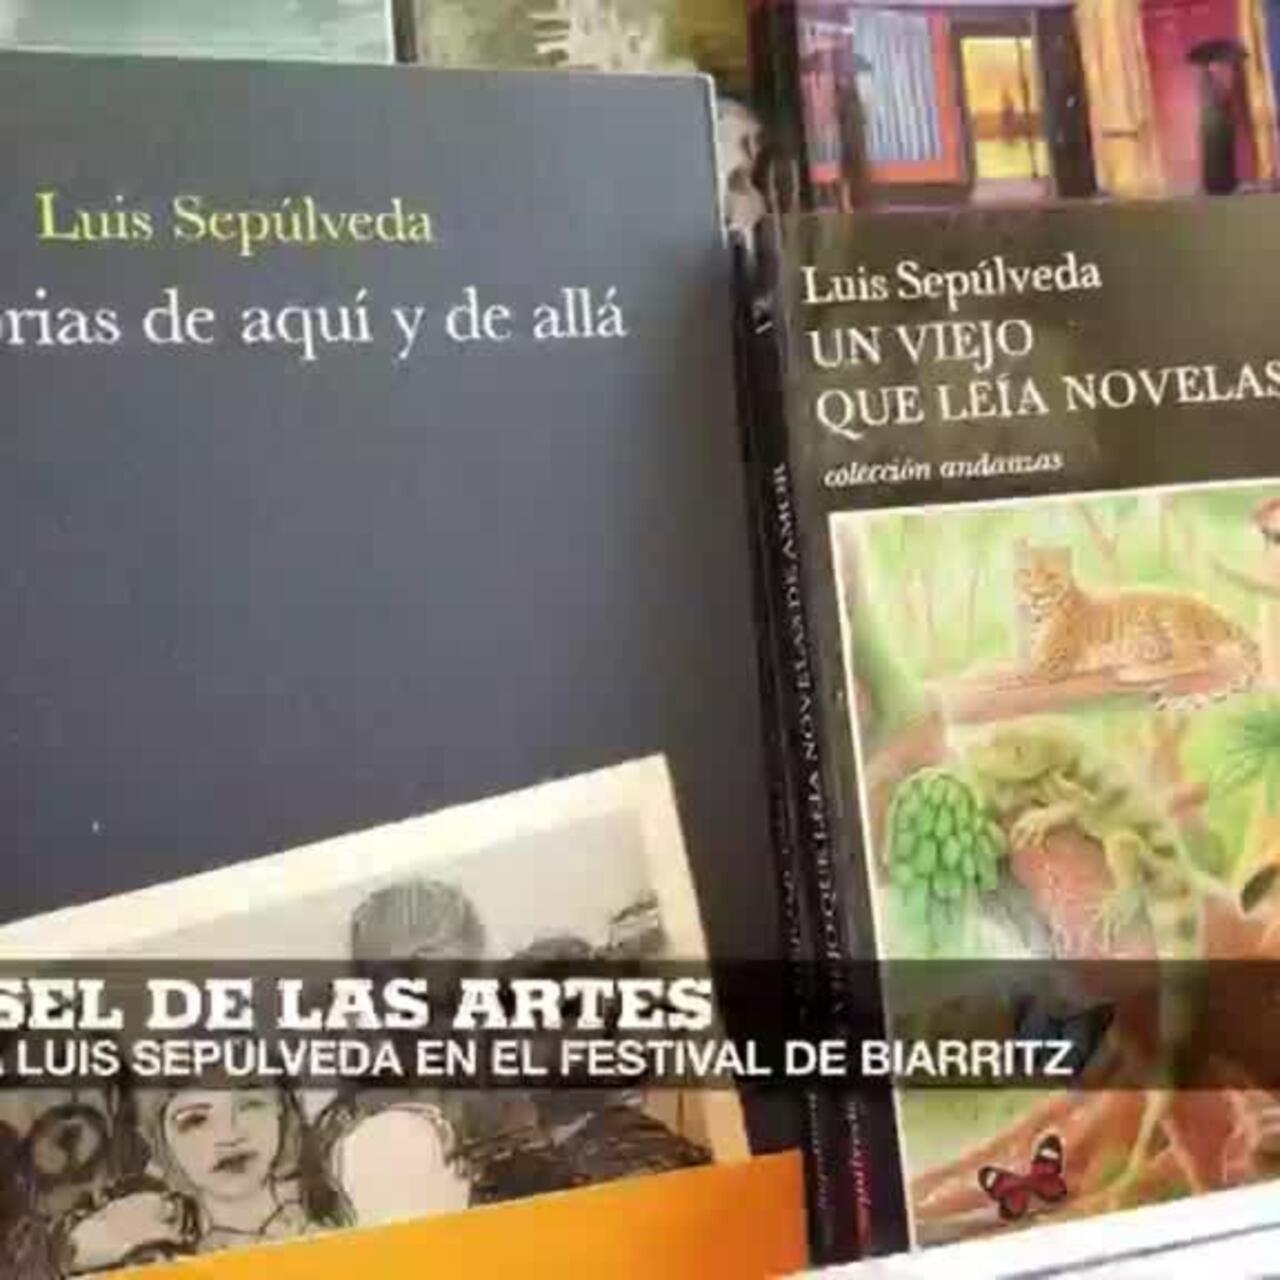 Road Trip Por La Patagonia Y Un Homenaje A Luis Sepúlveda En El Festival De Biarritz Carrusel De Las Artes